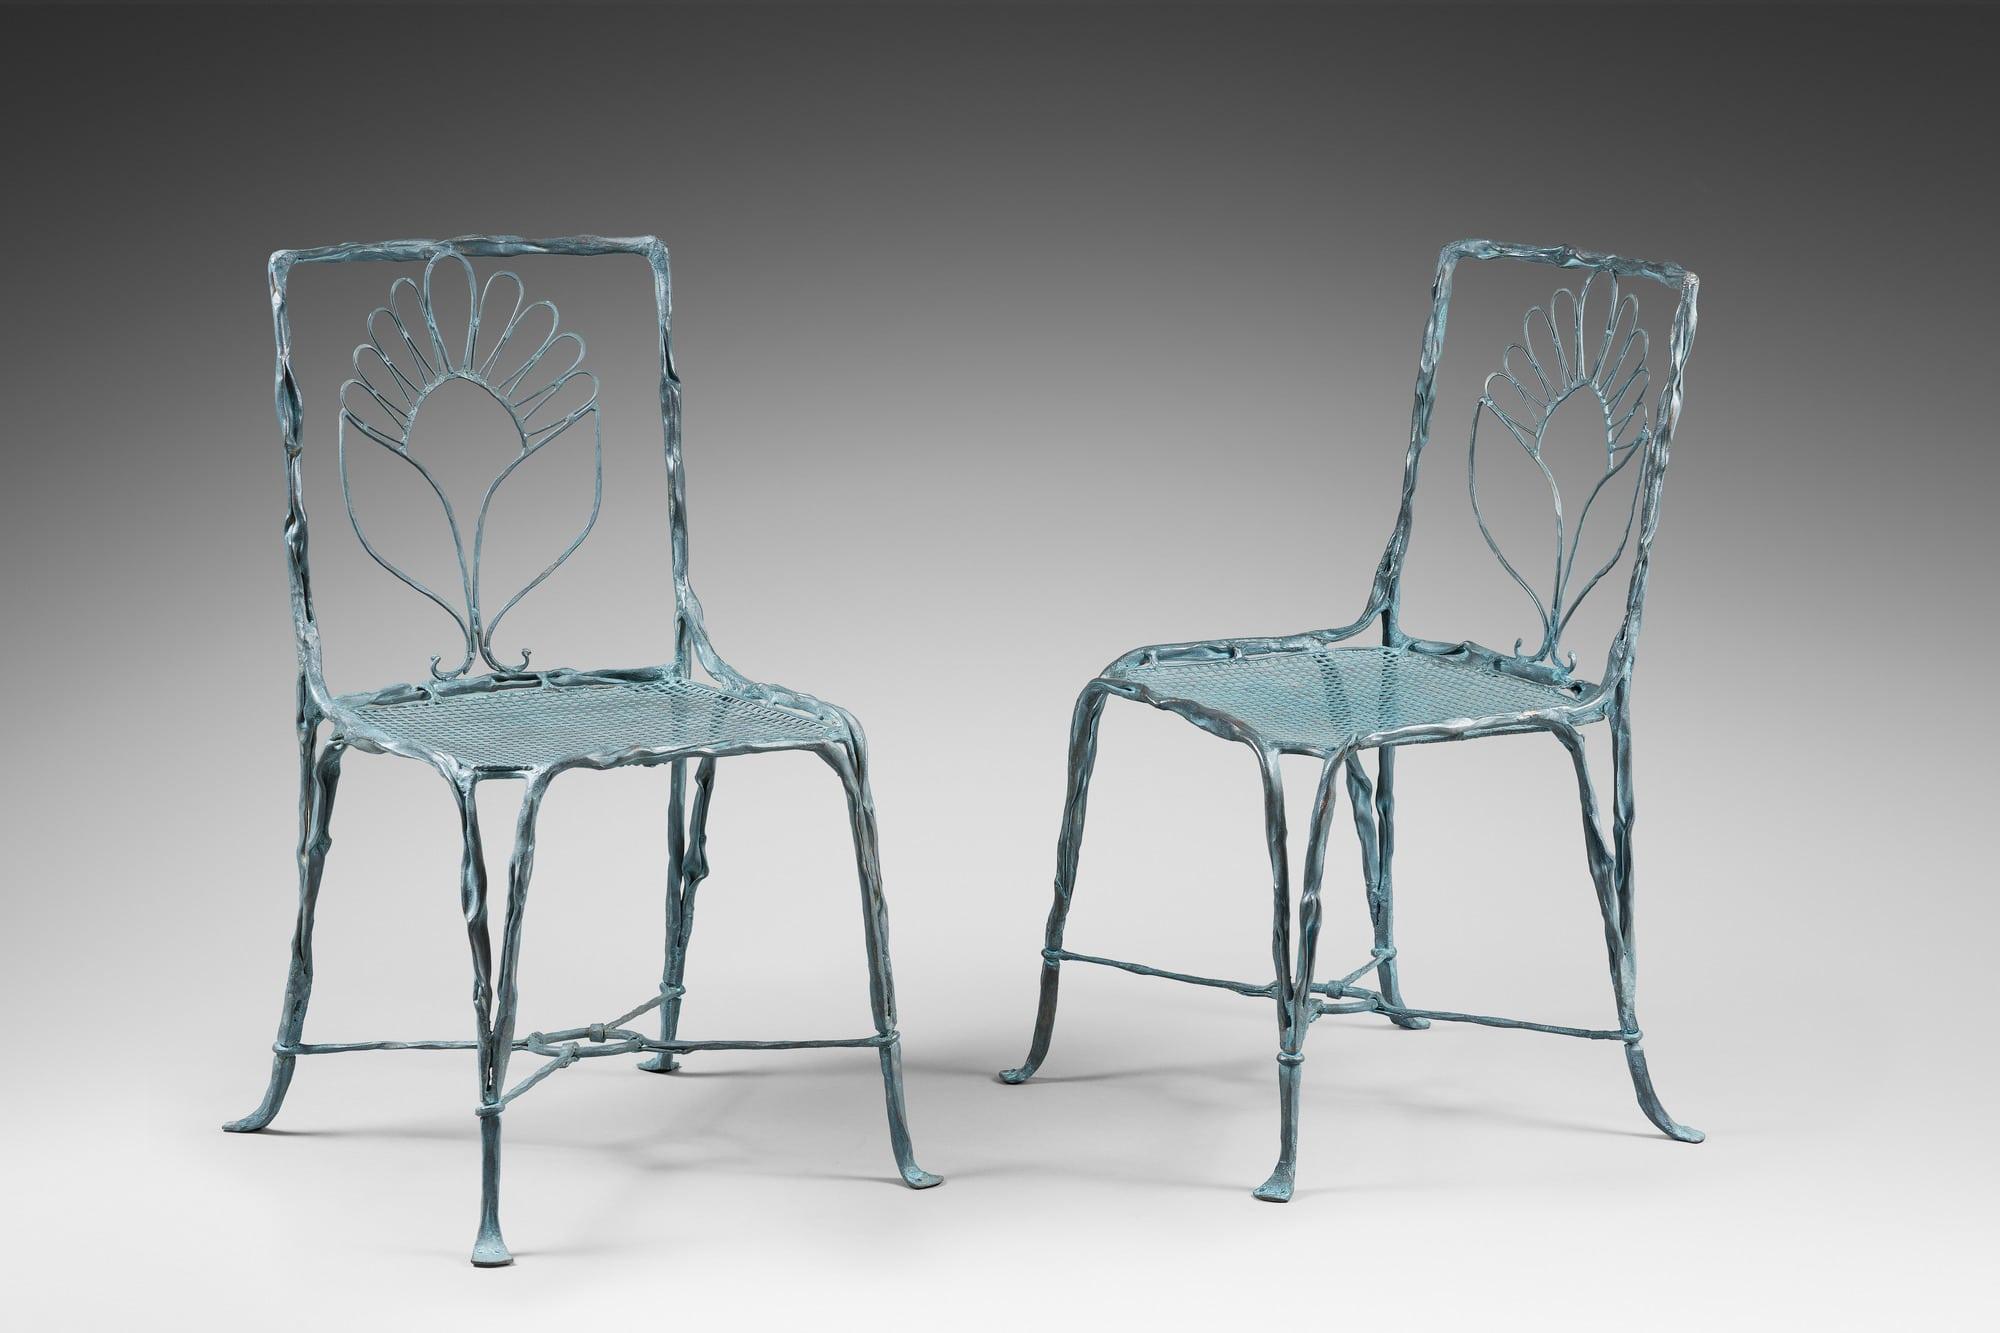 Suite de quatre chaises organiques, vue 01